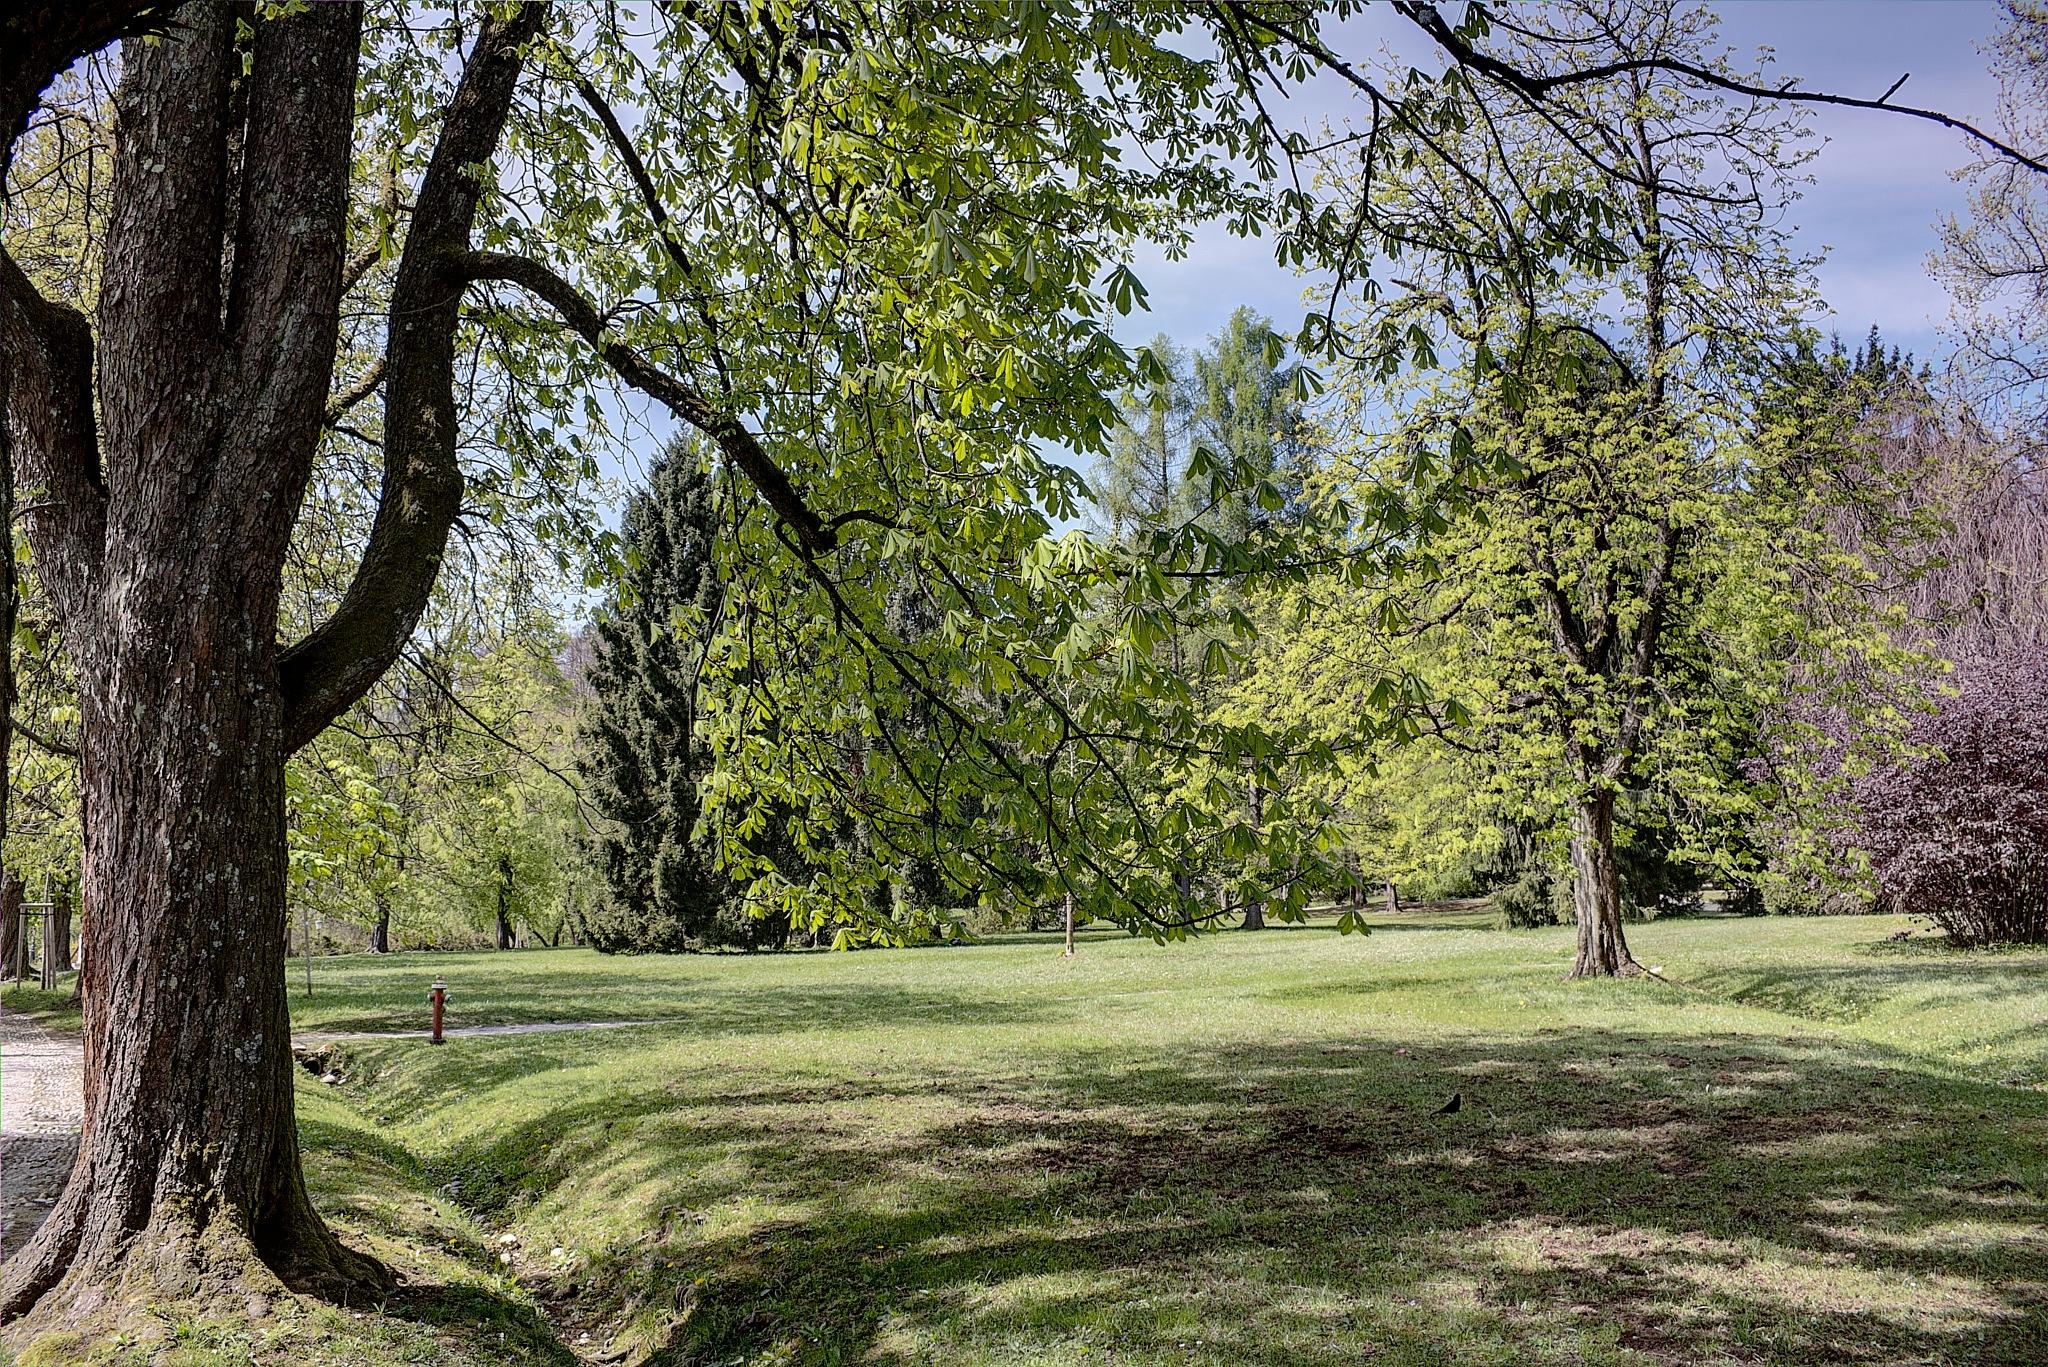 Trees in the park Tivoli, Ljubljana by zvnktomasevic